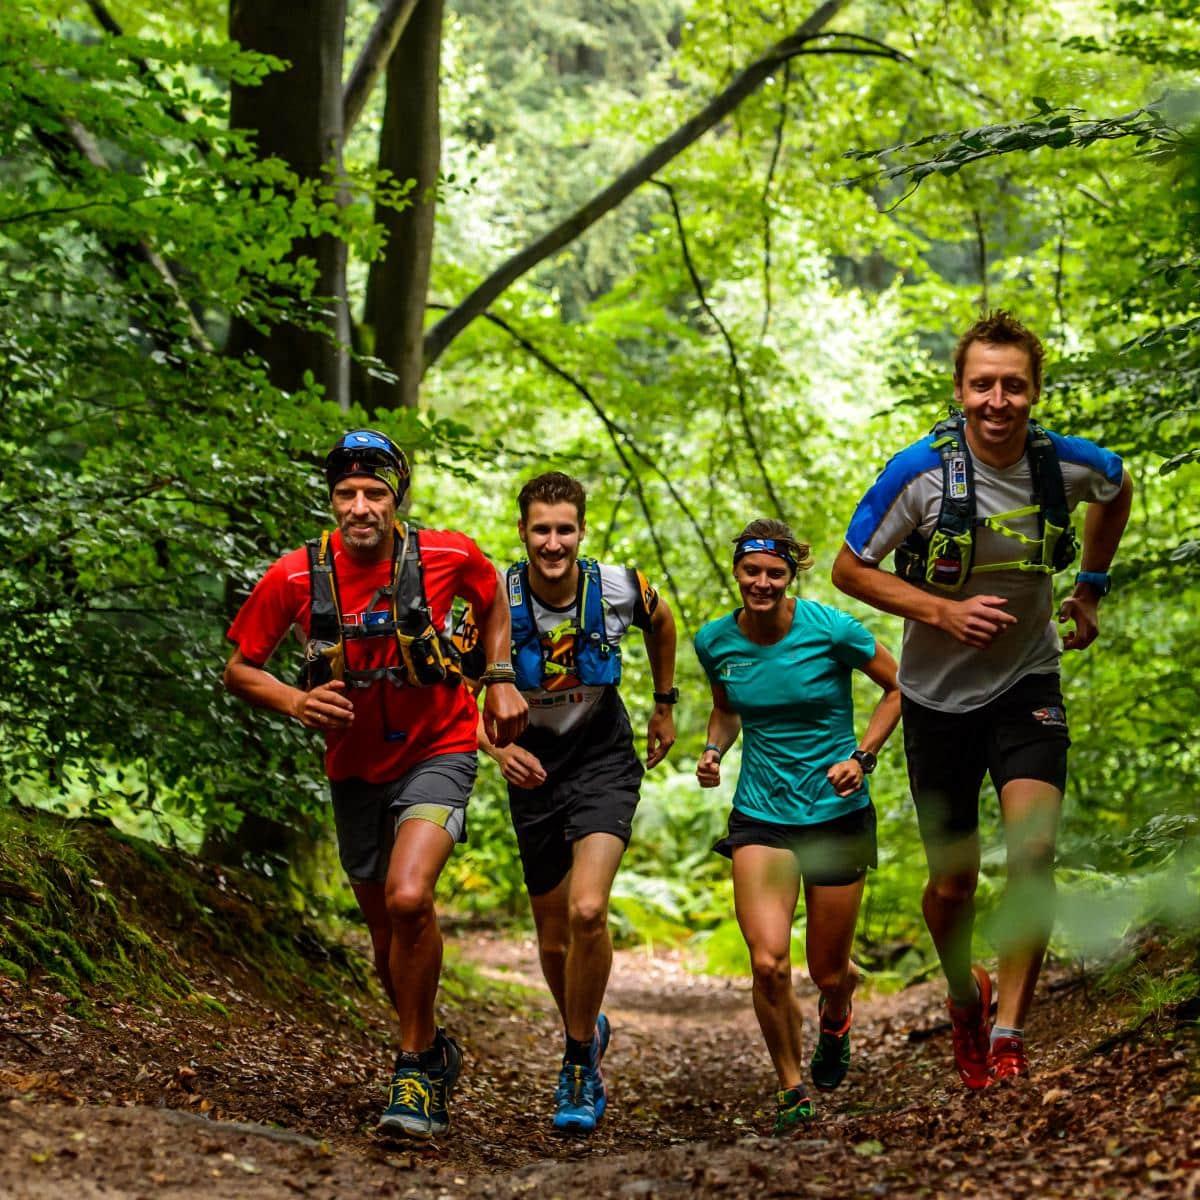 a1989b32b75 Anders dan bij hardlopen op de weg staat de natuurbeleving voorop. Sterker  nog bij de Grand Trail de Bouillon, één van de eerste en mooiste trailruns  van ...